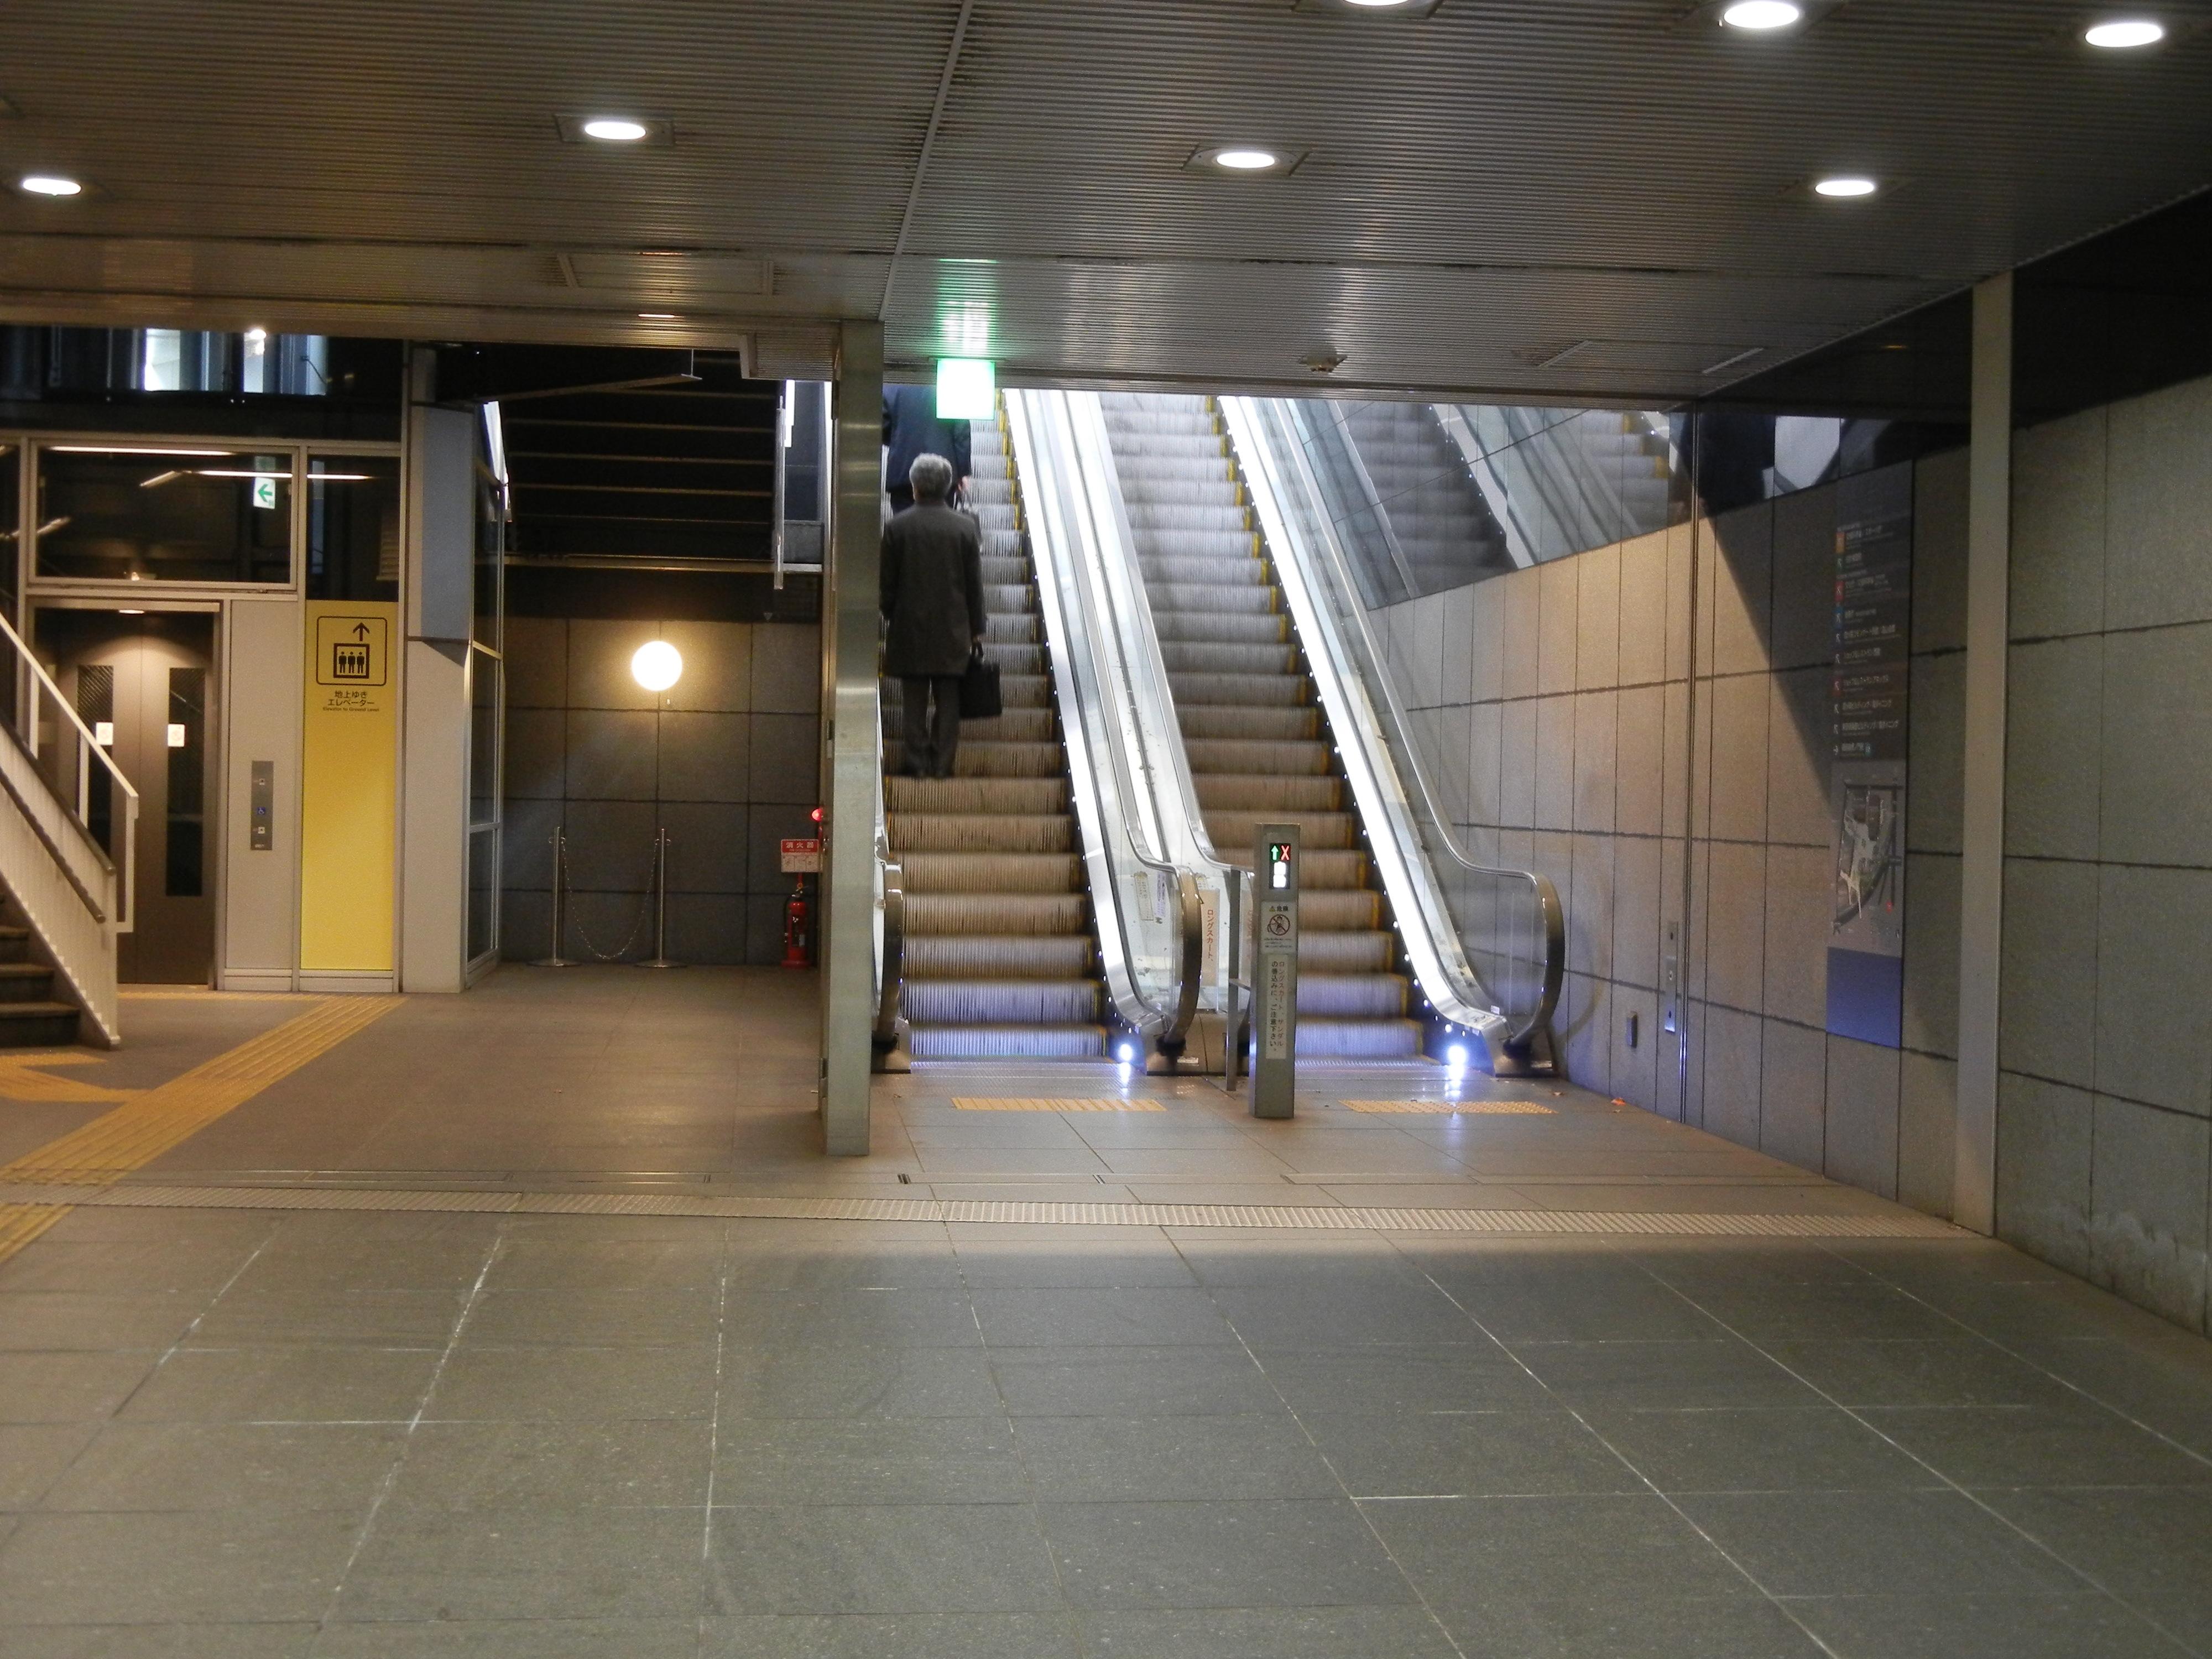 有楽町線の麹町駅の2番出口を出たら、後ろに戻る感じで四ツ谷方面に進んでください。